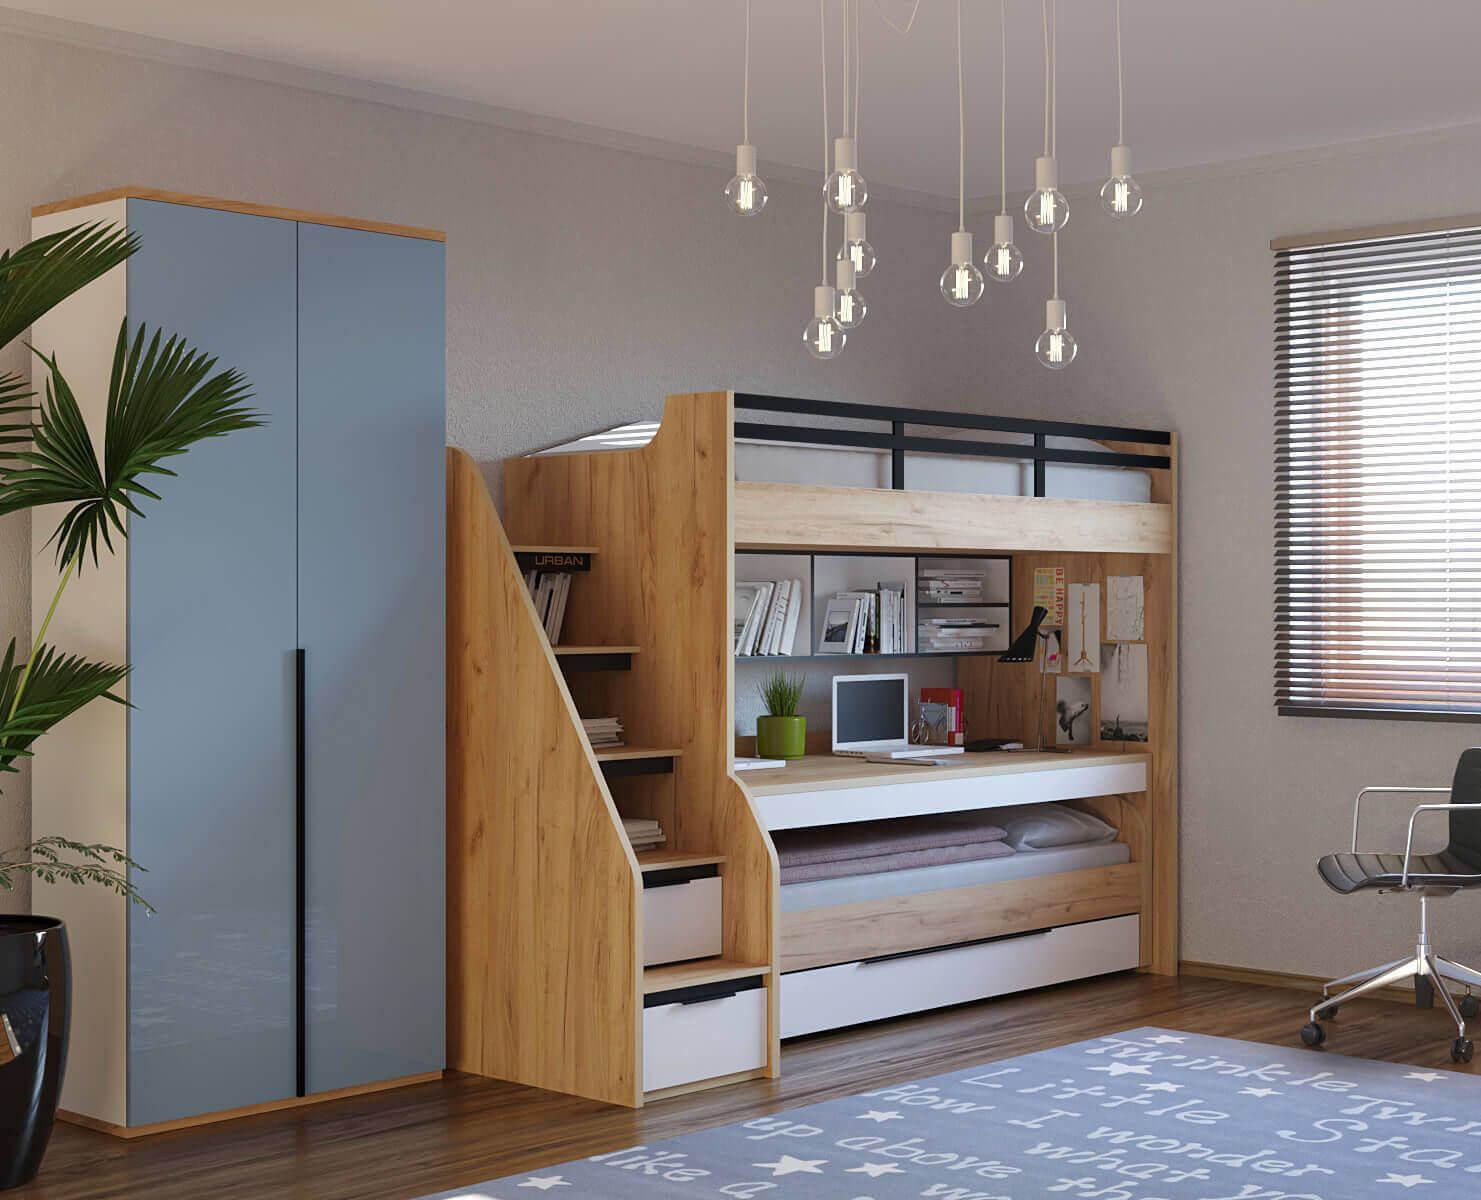 Modernes Jugendzimmer Set mit Etagenbett, Schreibtisch und Kleiderschrank.